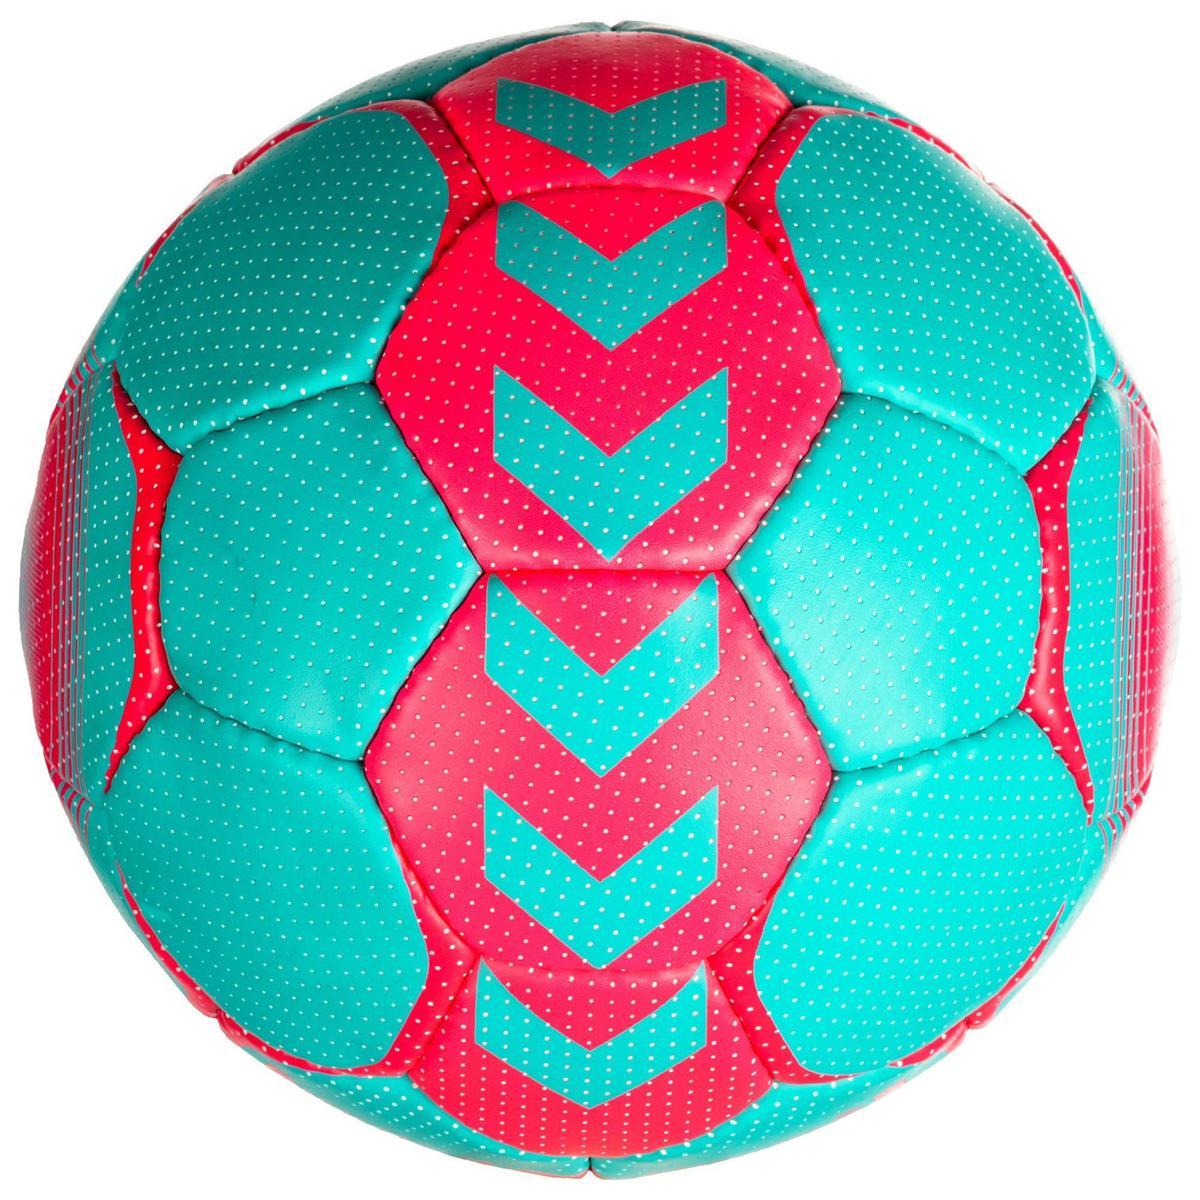 Bild 3 von Handball Damen Größe 2 blau/türkis/pink